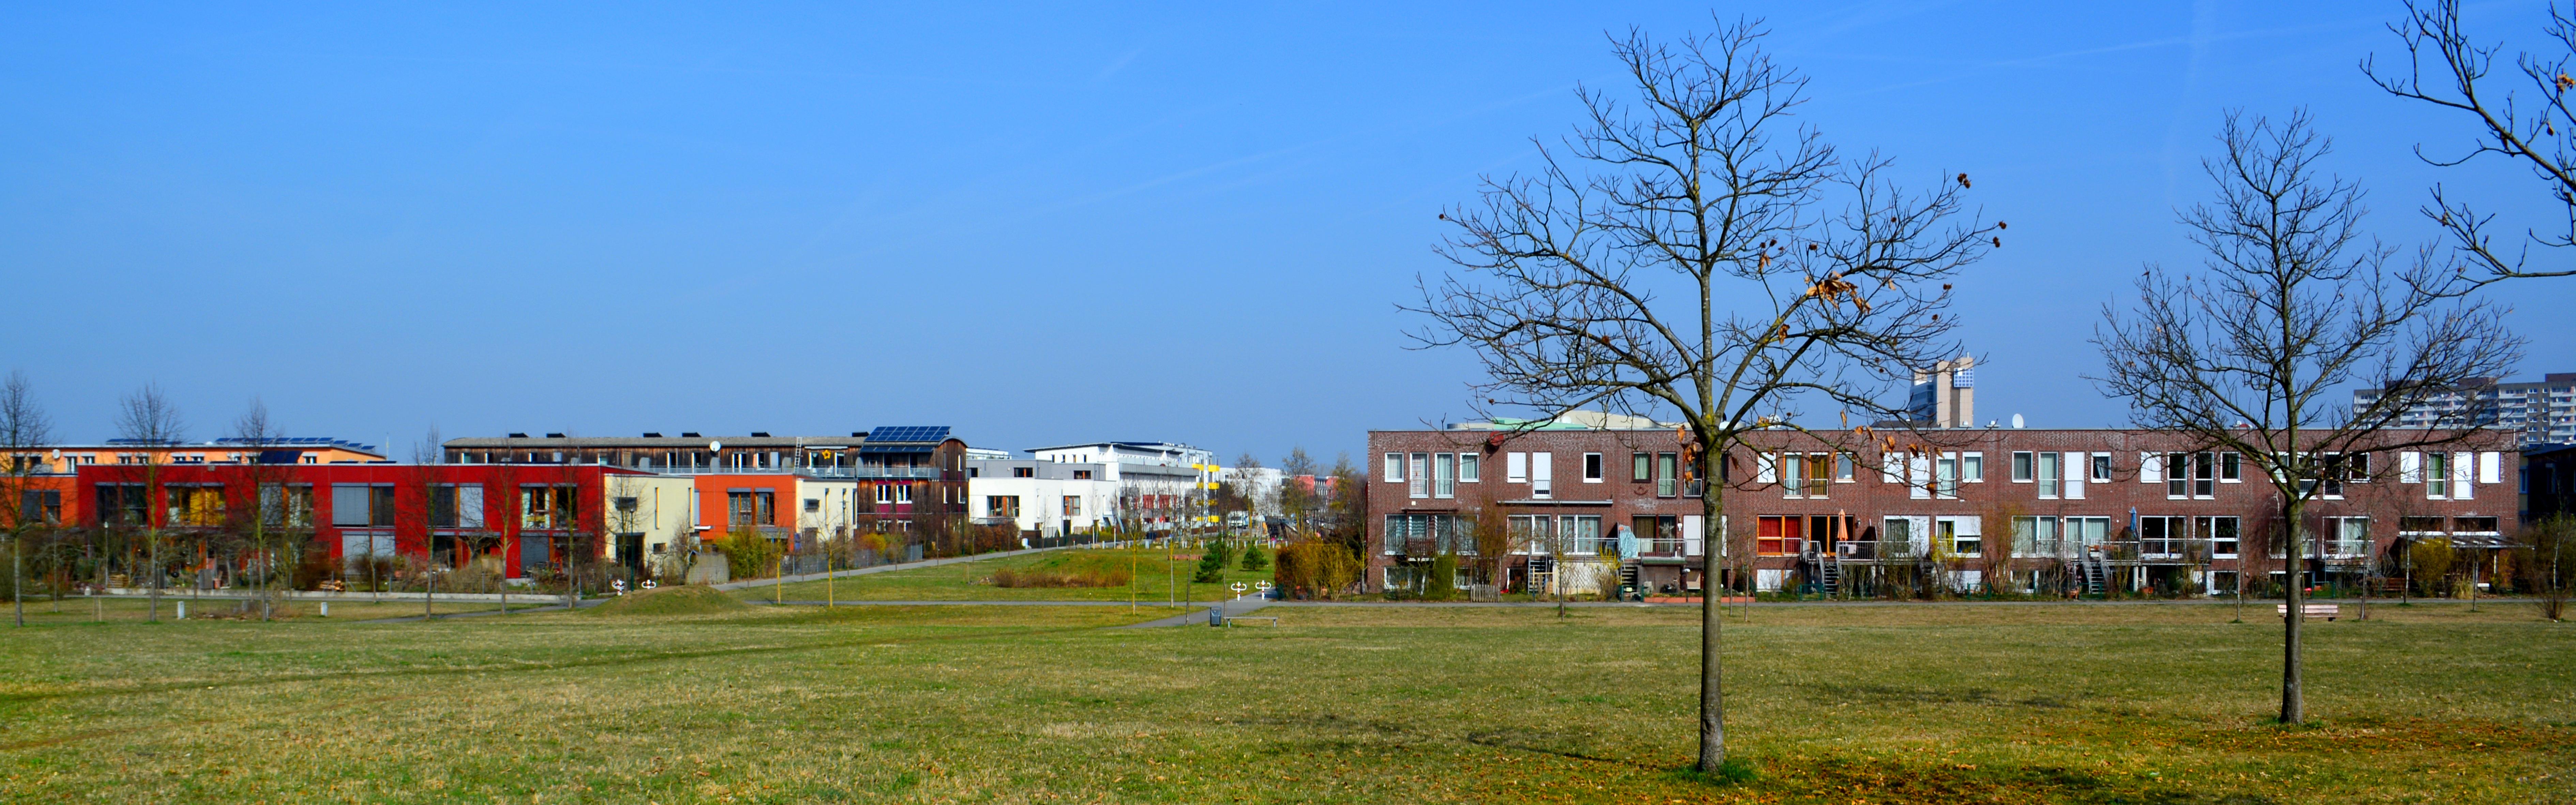 Immobilien Darmstadt: ENGEL & VÖLKERS - Immobilie, Wohnung, Haus für ...